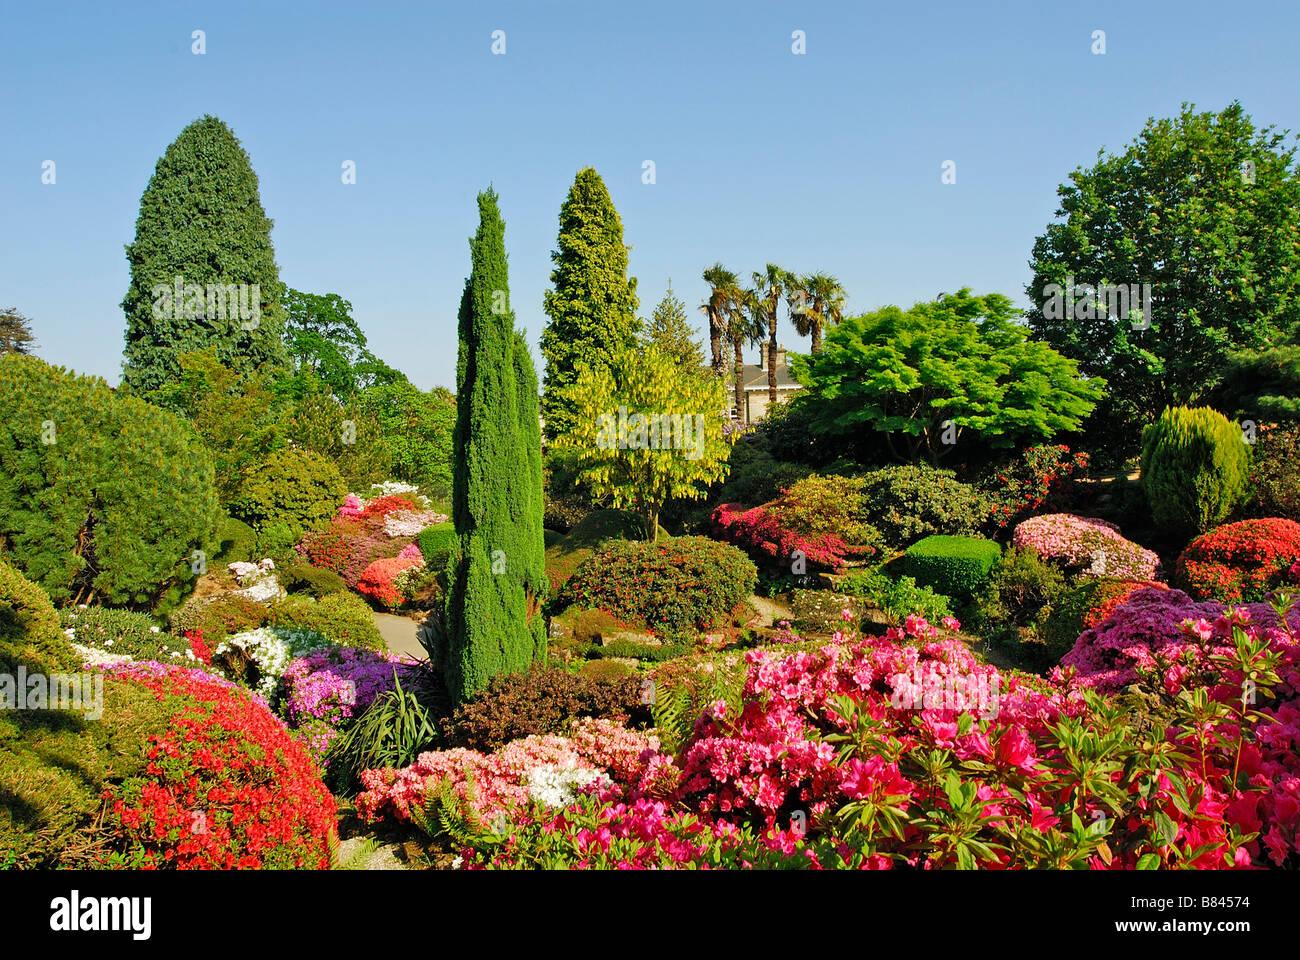 Leonardslee garden Sussex UK - Stock Image